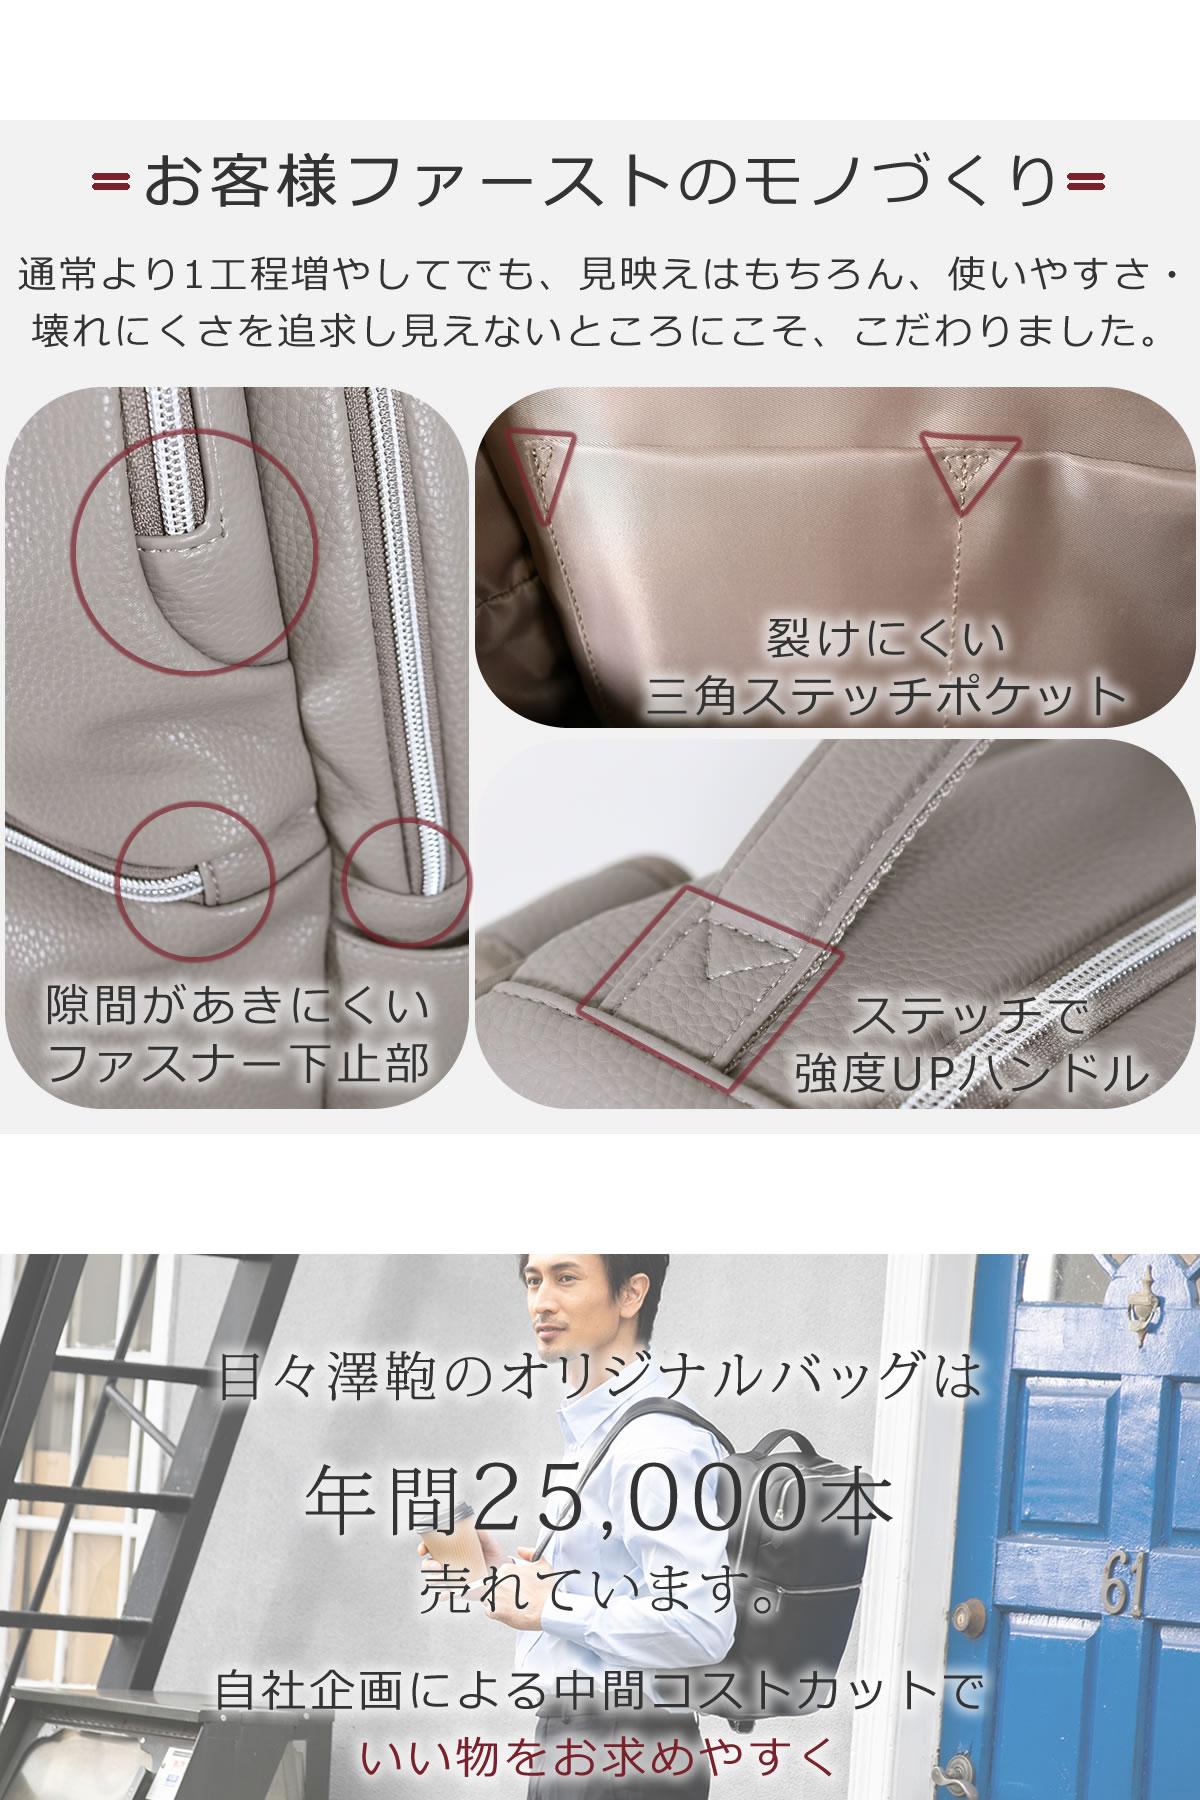 ビジネスリュック メンズ 品質がいいブランド ディパック バッグ かばん 高級 おすすめ 丈夫